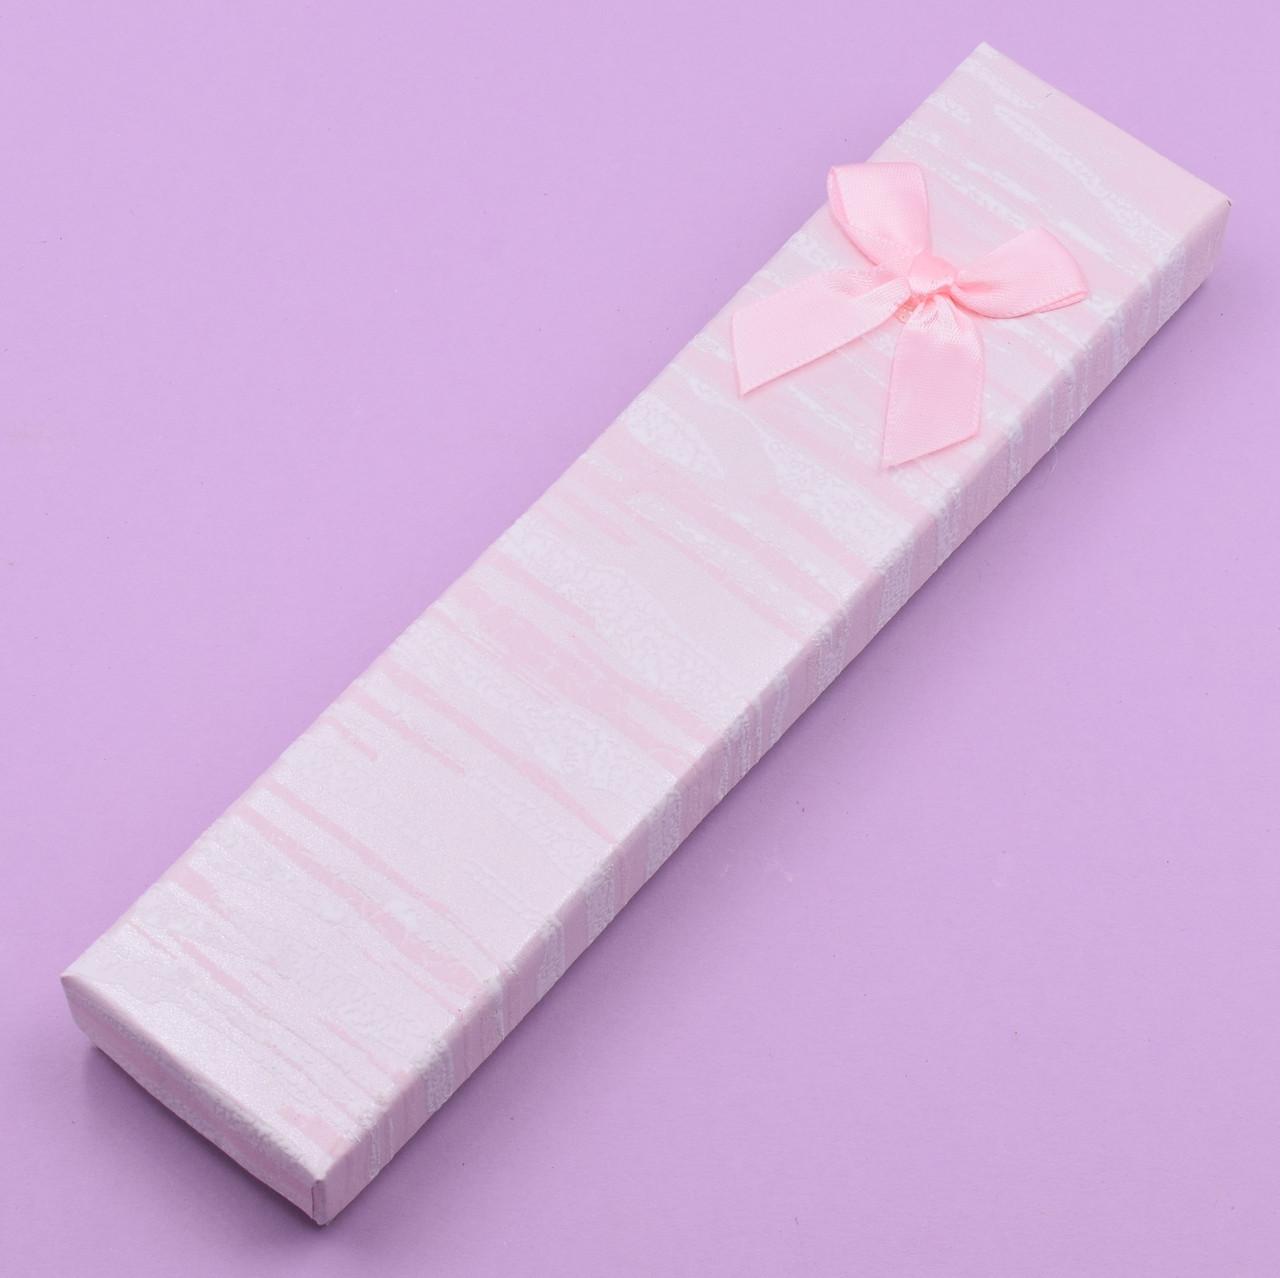 Футляр розовый 741179 для цепочек браслетов размер 21х4 см